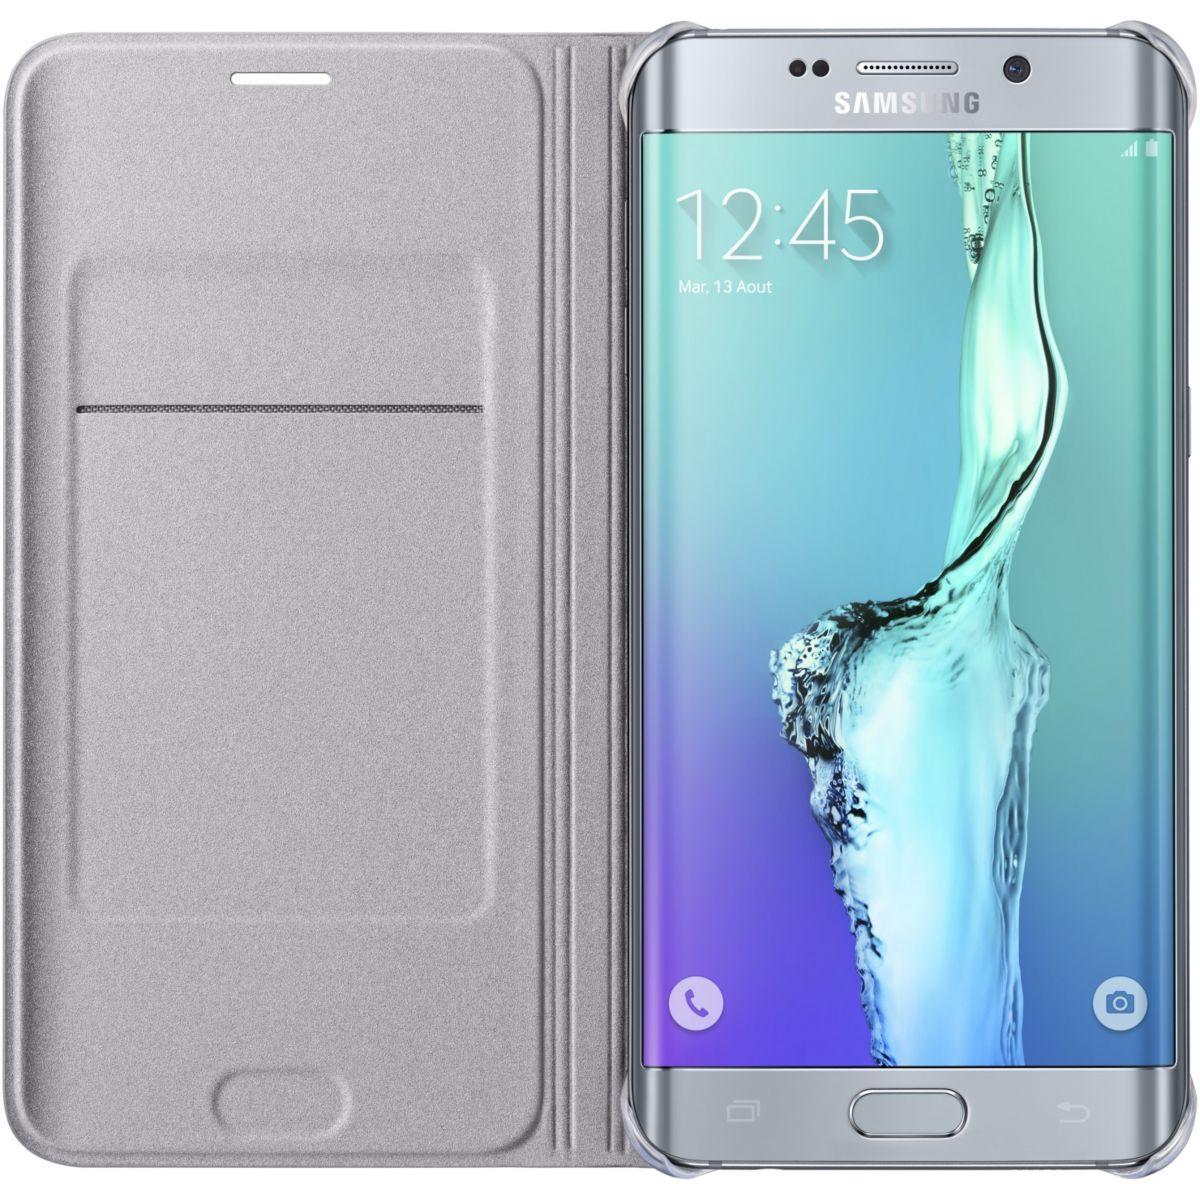 Etui samsung flip wallet galaxy s6 edge plus silver - 2% de remise imm?diate avec le code : black2